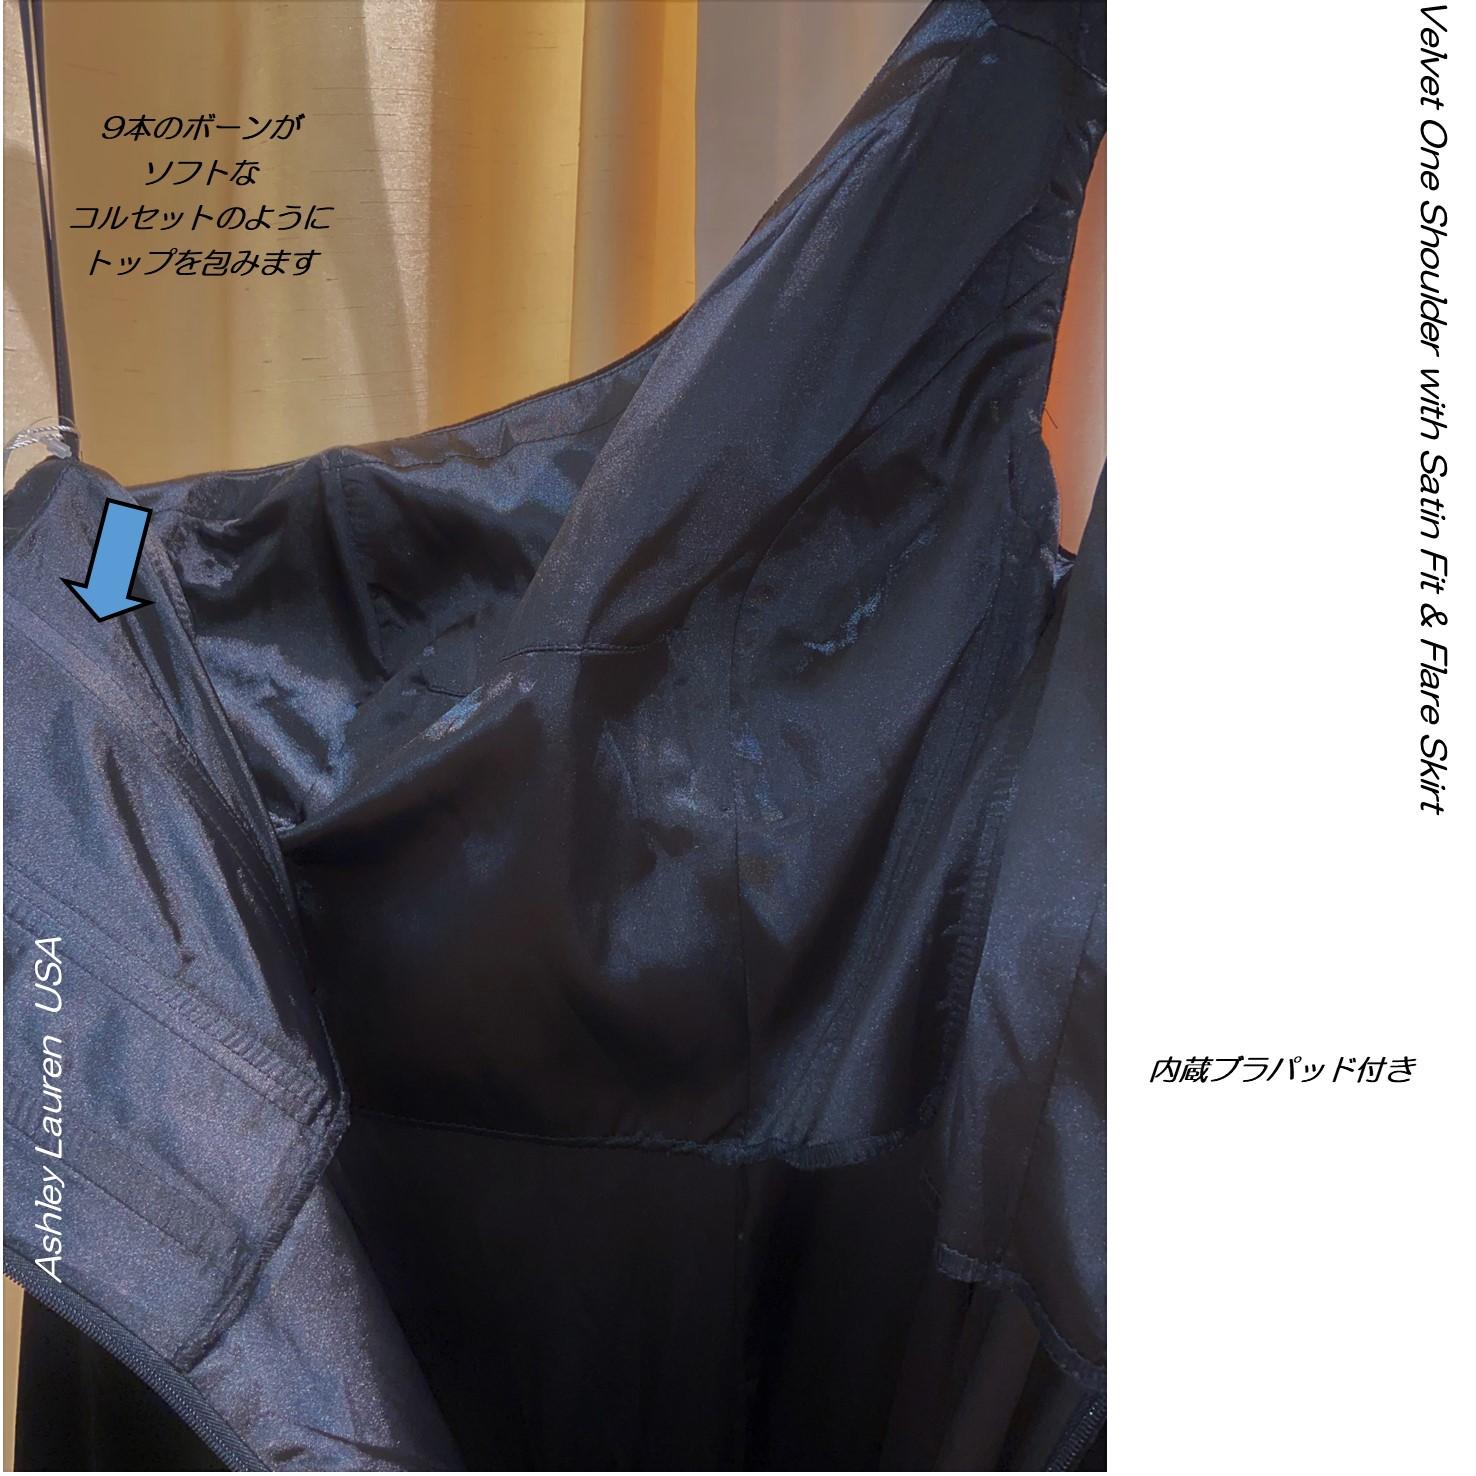 ワンショルダー マーメイドドレス ベルベット サテン ヴァイオリン 演奏会用ドレス 発表会ドレス ステージドレス イブニングドレス パーティ フォーマル コンサート インポートドレス ロングドレス ピアノ 声楽 楽器演奏 コンテスト オーケストラ 演奏会ピアノ